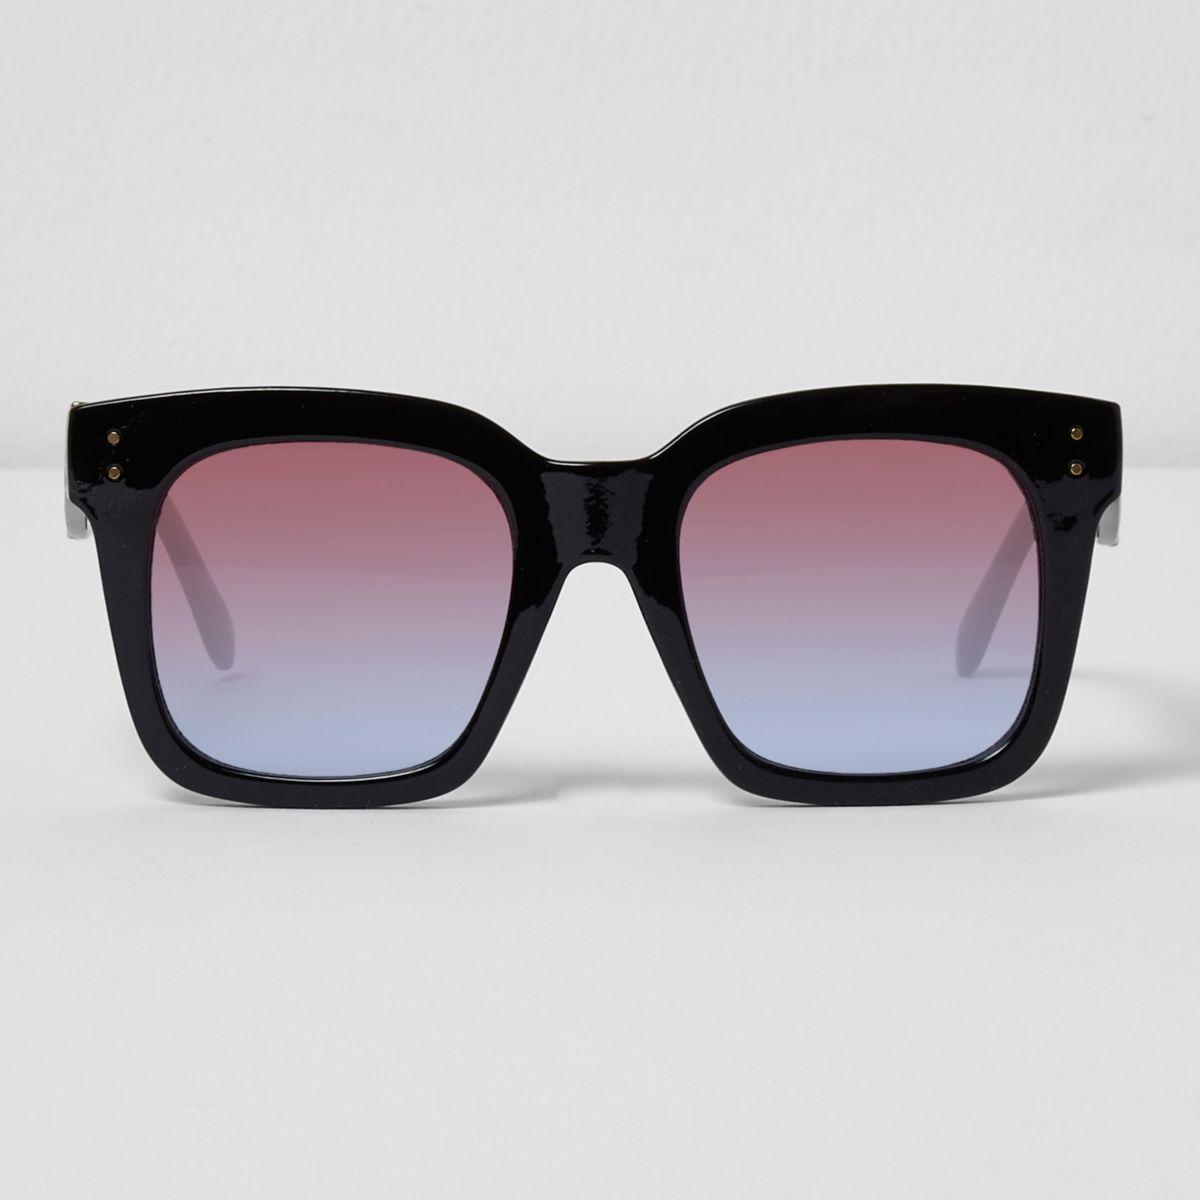 Black oversized ocean lens sunglasses